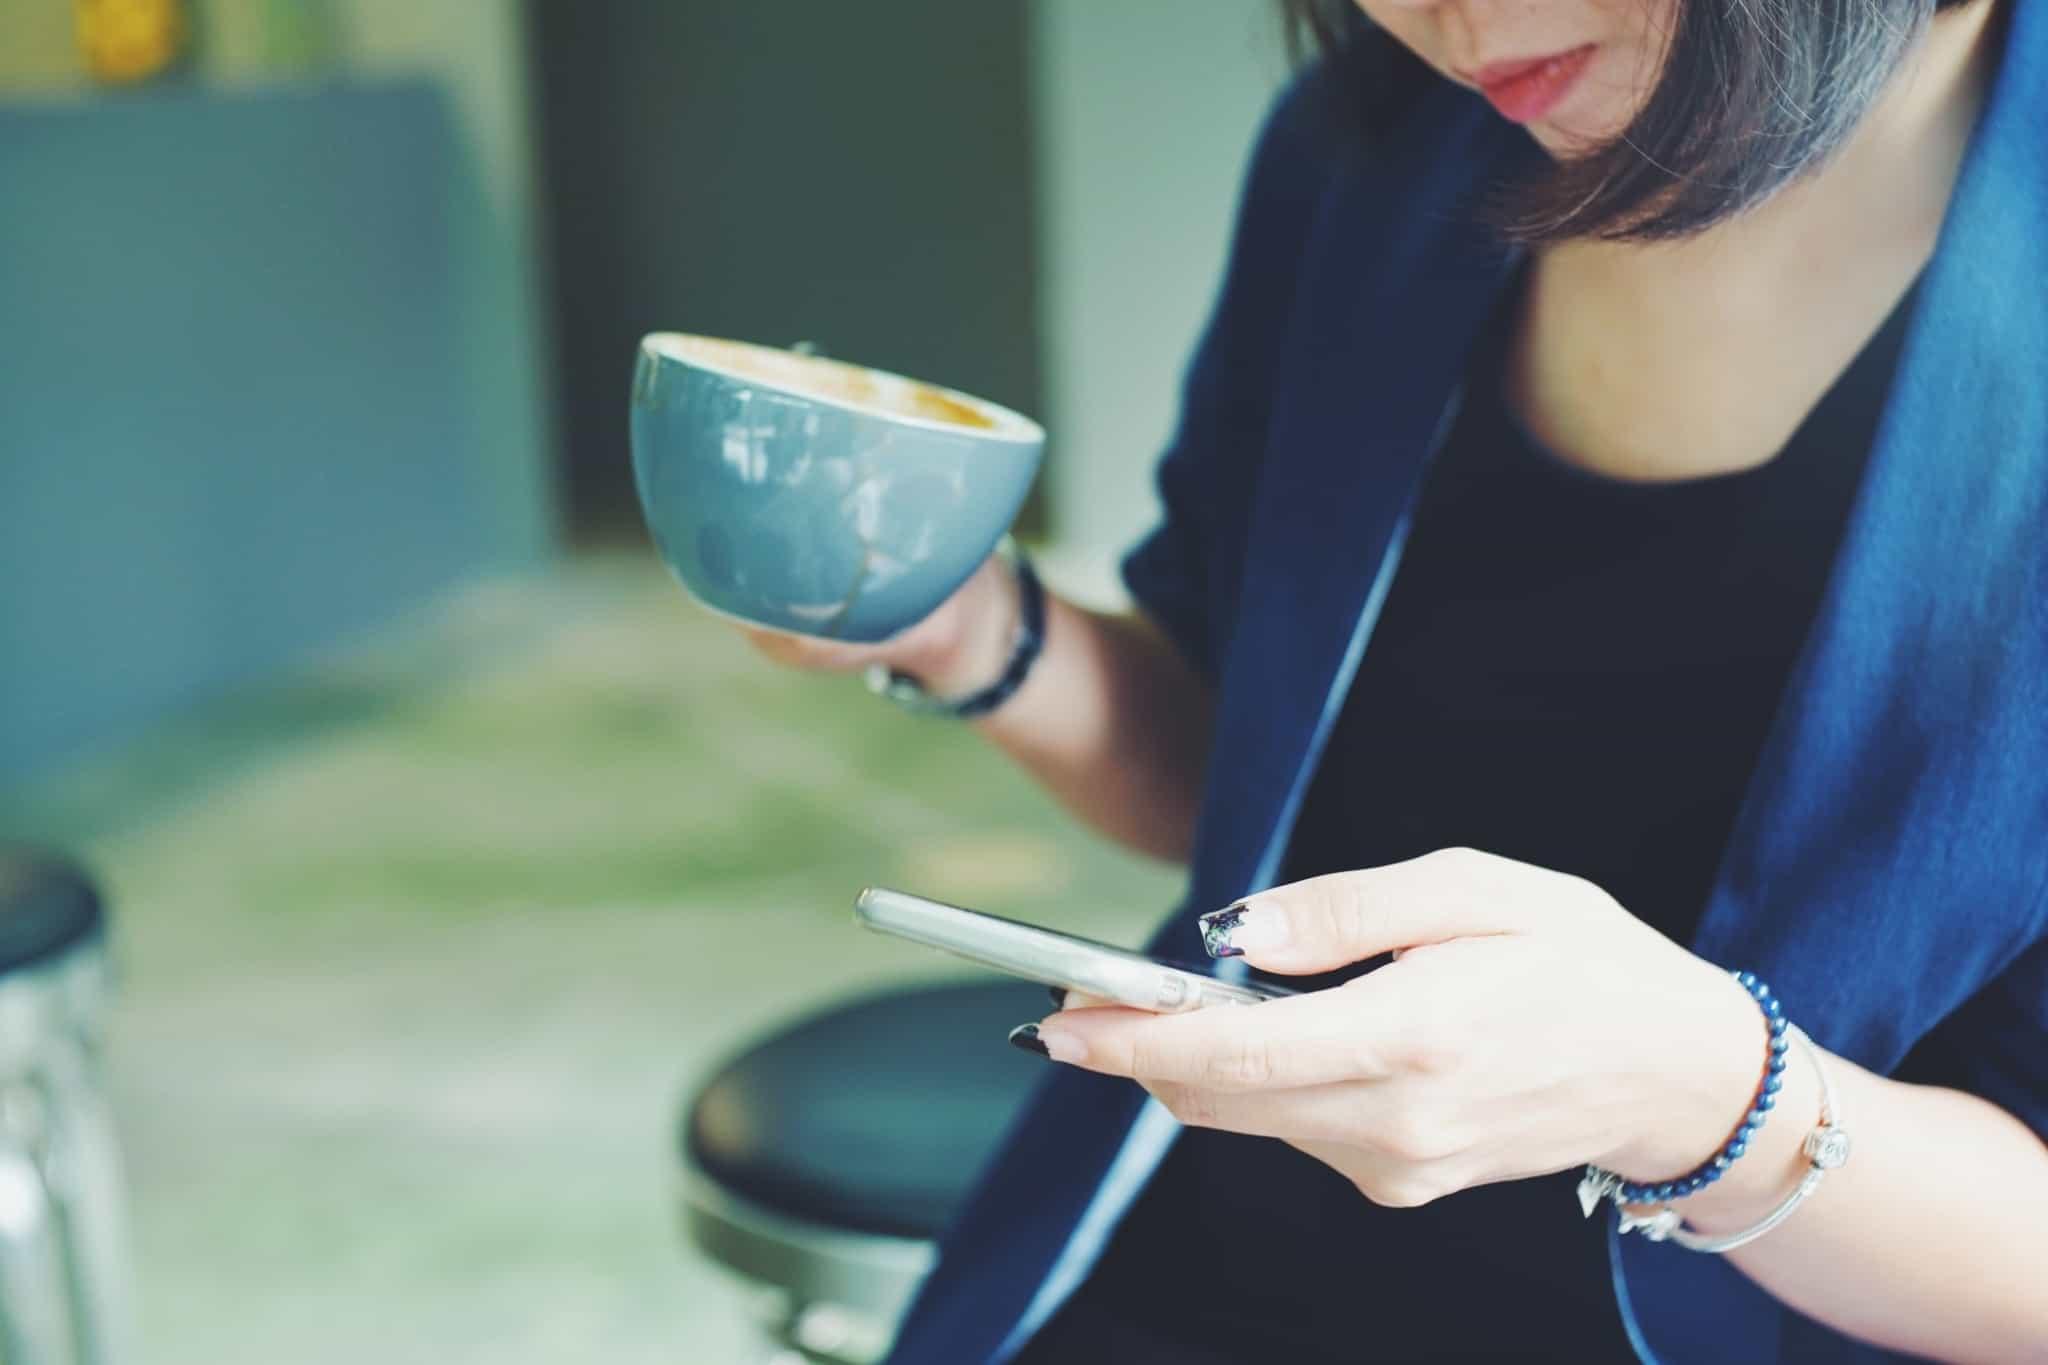 mulher com uma chávena de café e a mexer no telemóvel